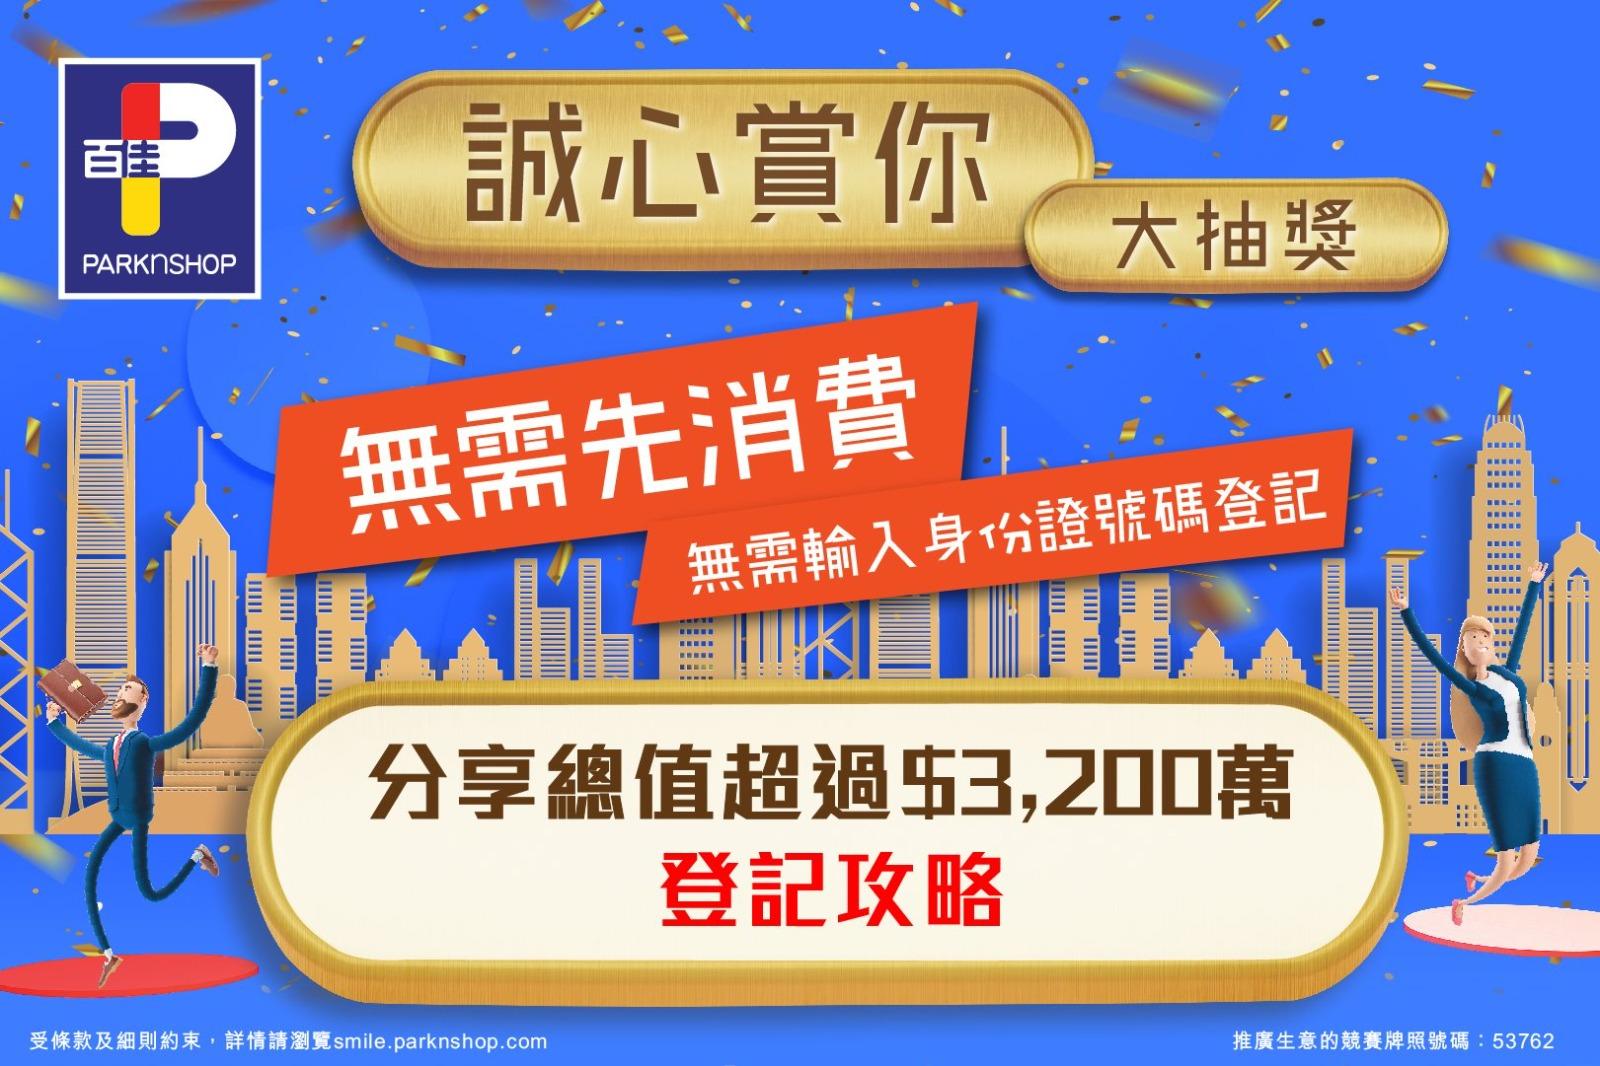 百佳超市推出「誠心賞你」大抽獎,現已接受登記,全港市民毋須消費即可參與,獎品總值超過3,200萬元。(香港百佳超級市場 Facebook)